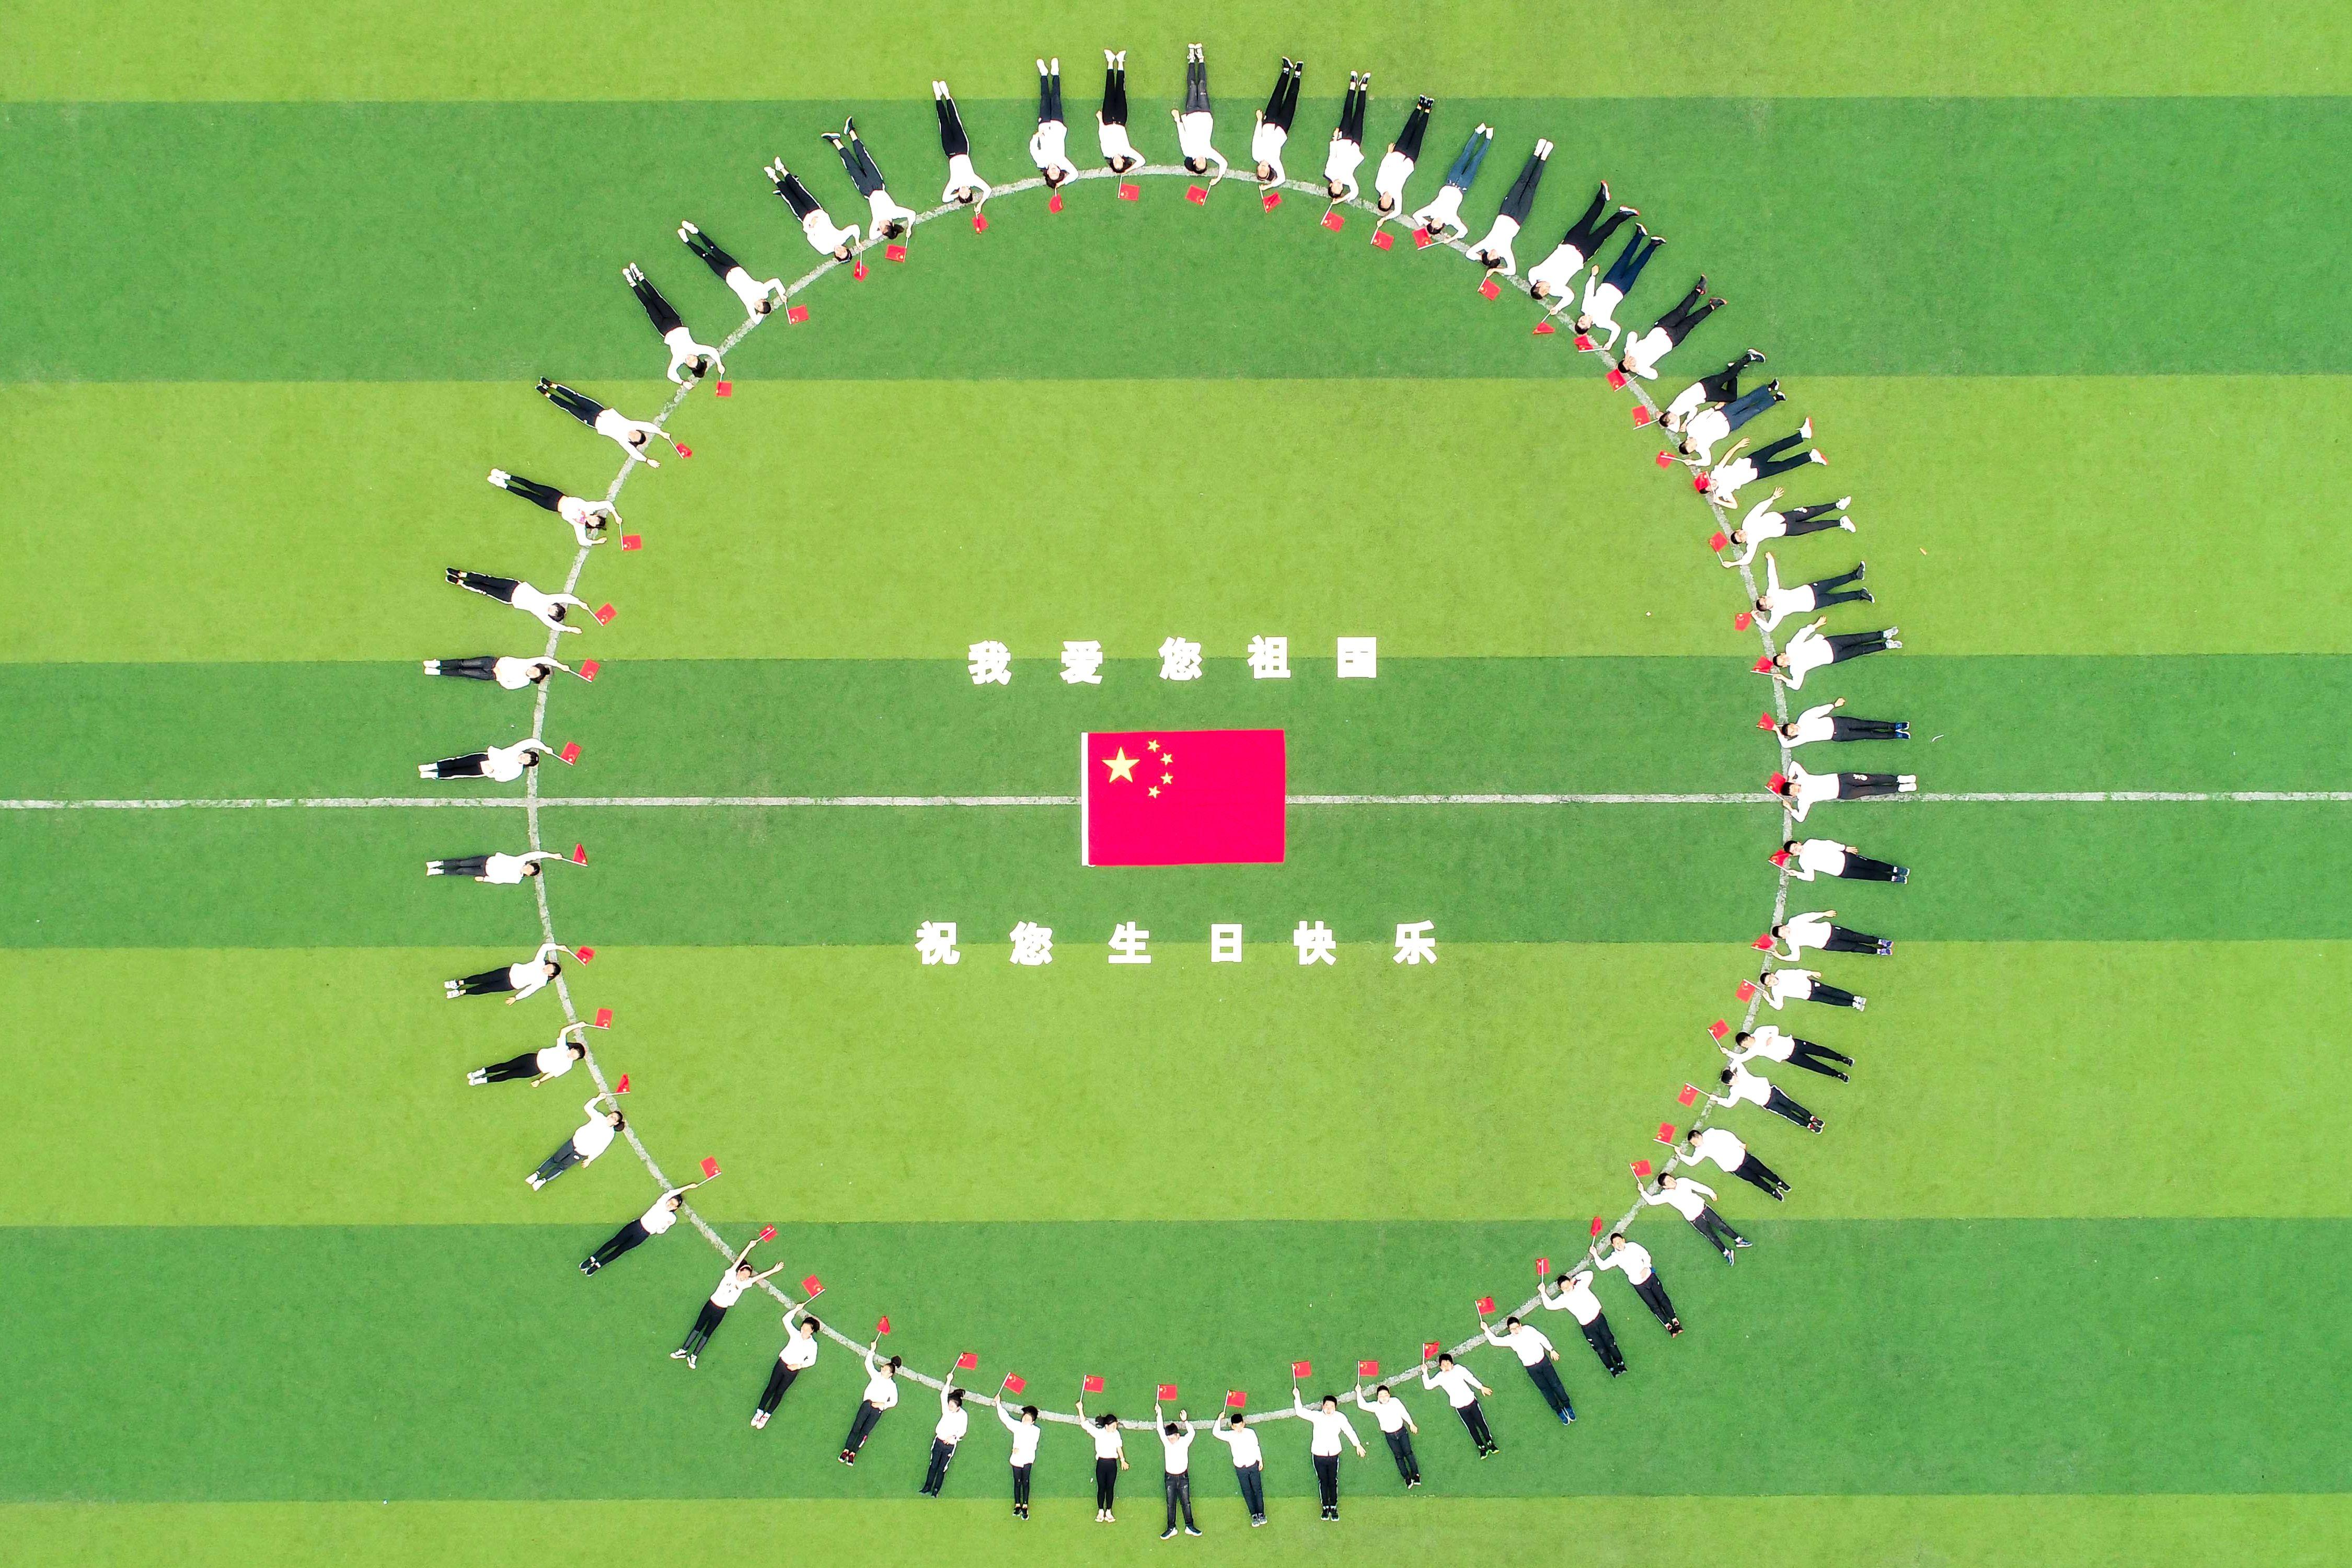 8.祝福您,我的祖国